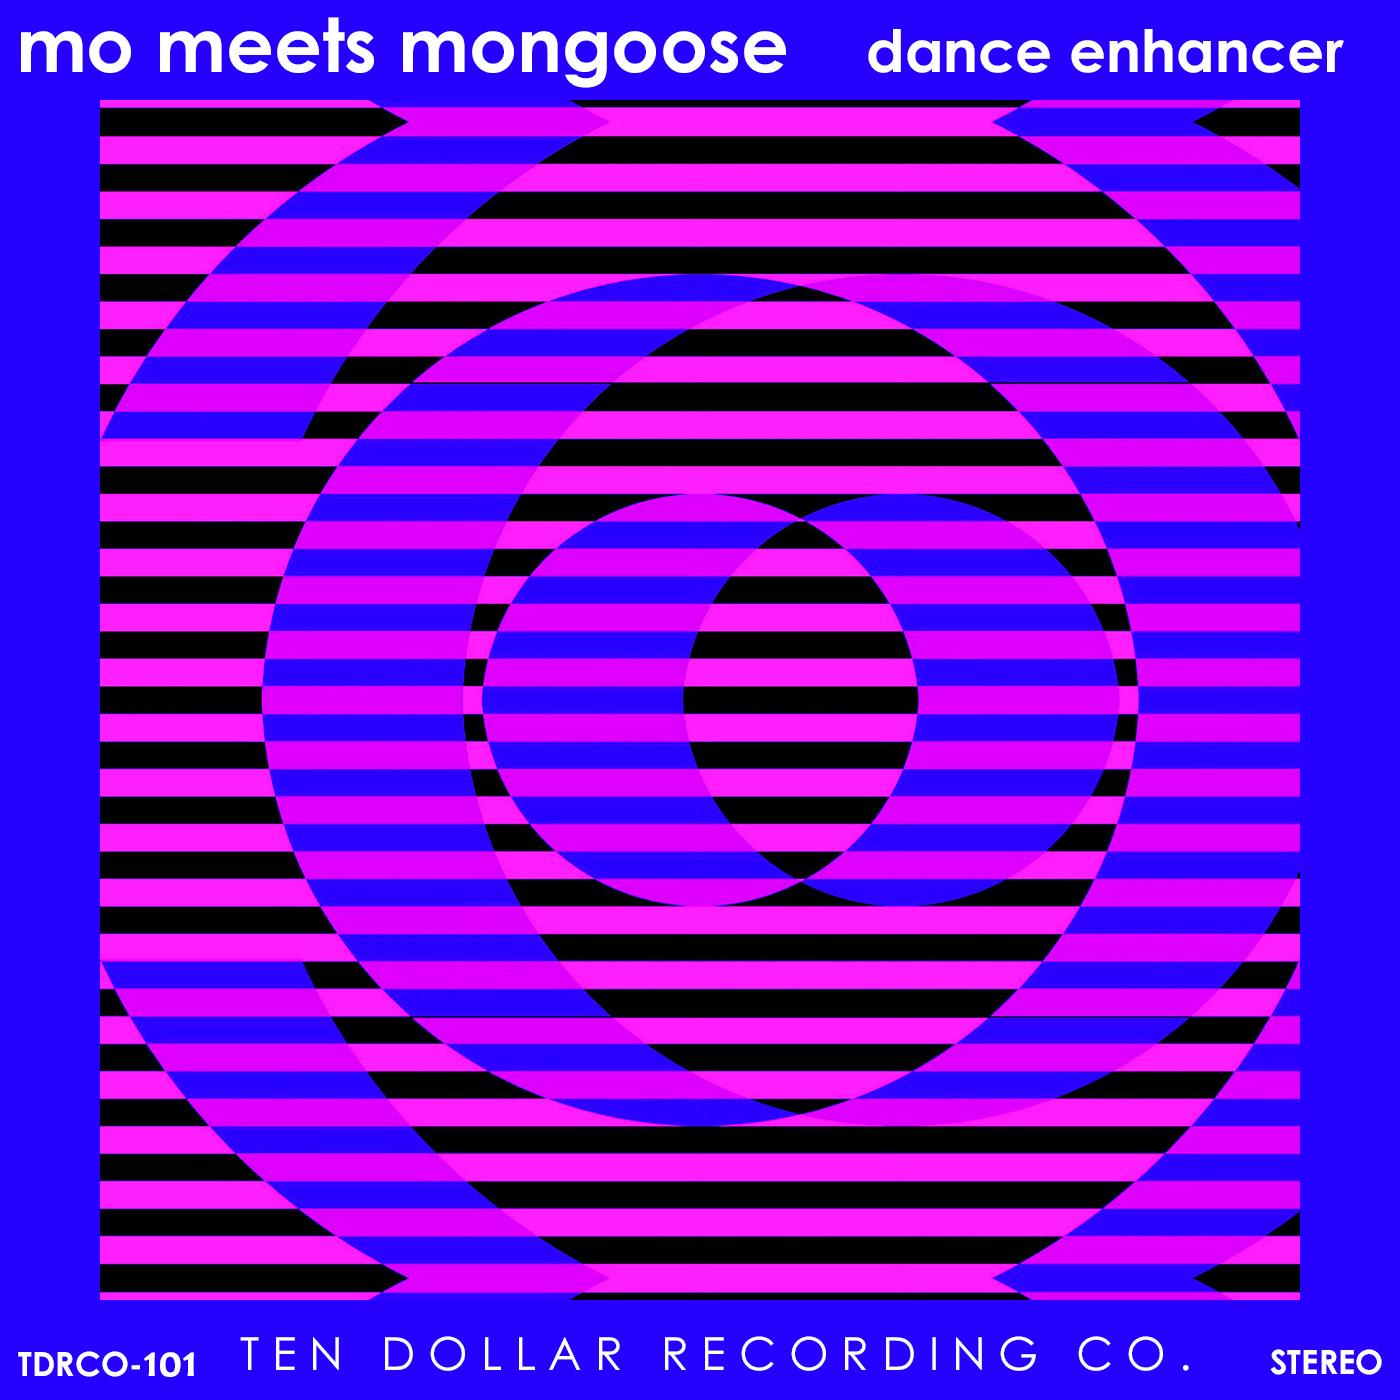 Mo Meets Mongoose - Dance Enhancer (Single)